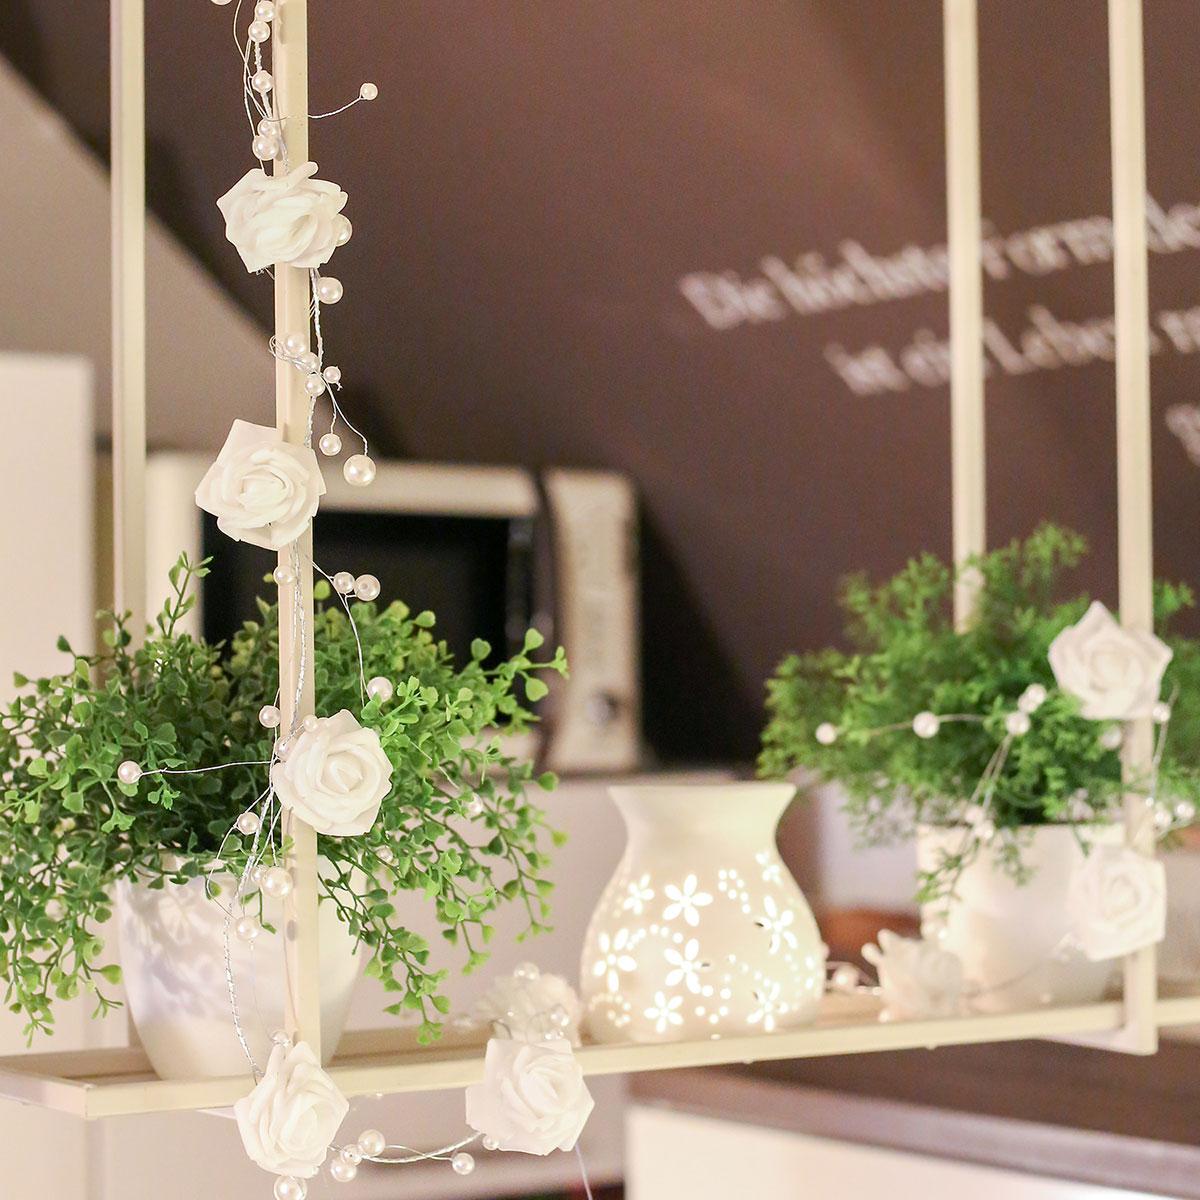 deko-blütenranke, blütengirlande, girlande mit weißen rosen und